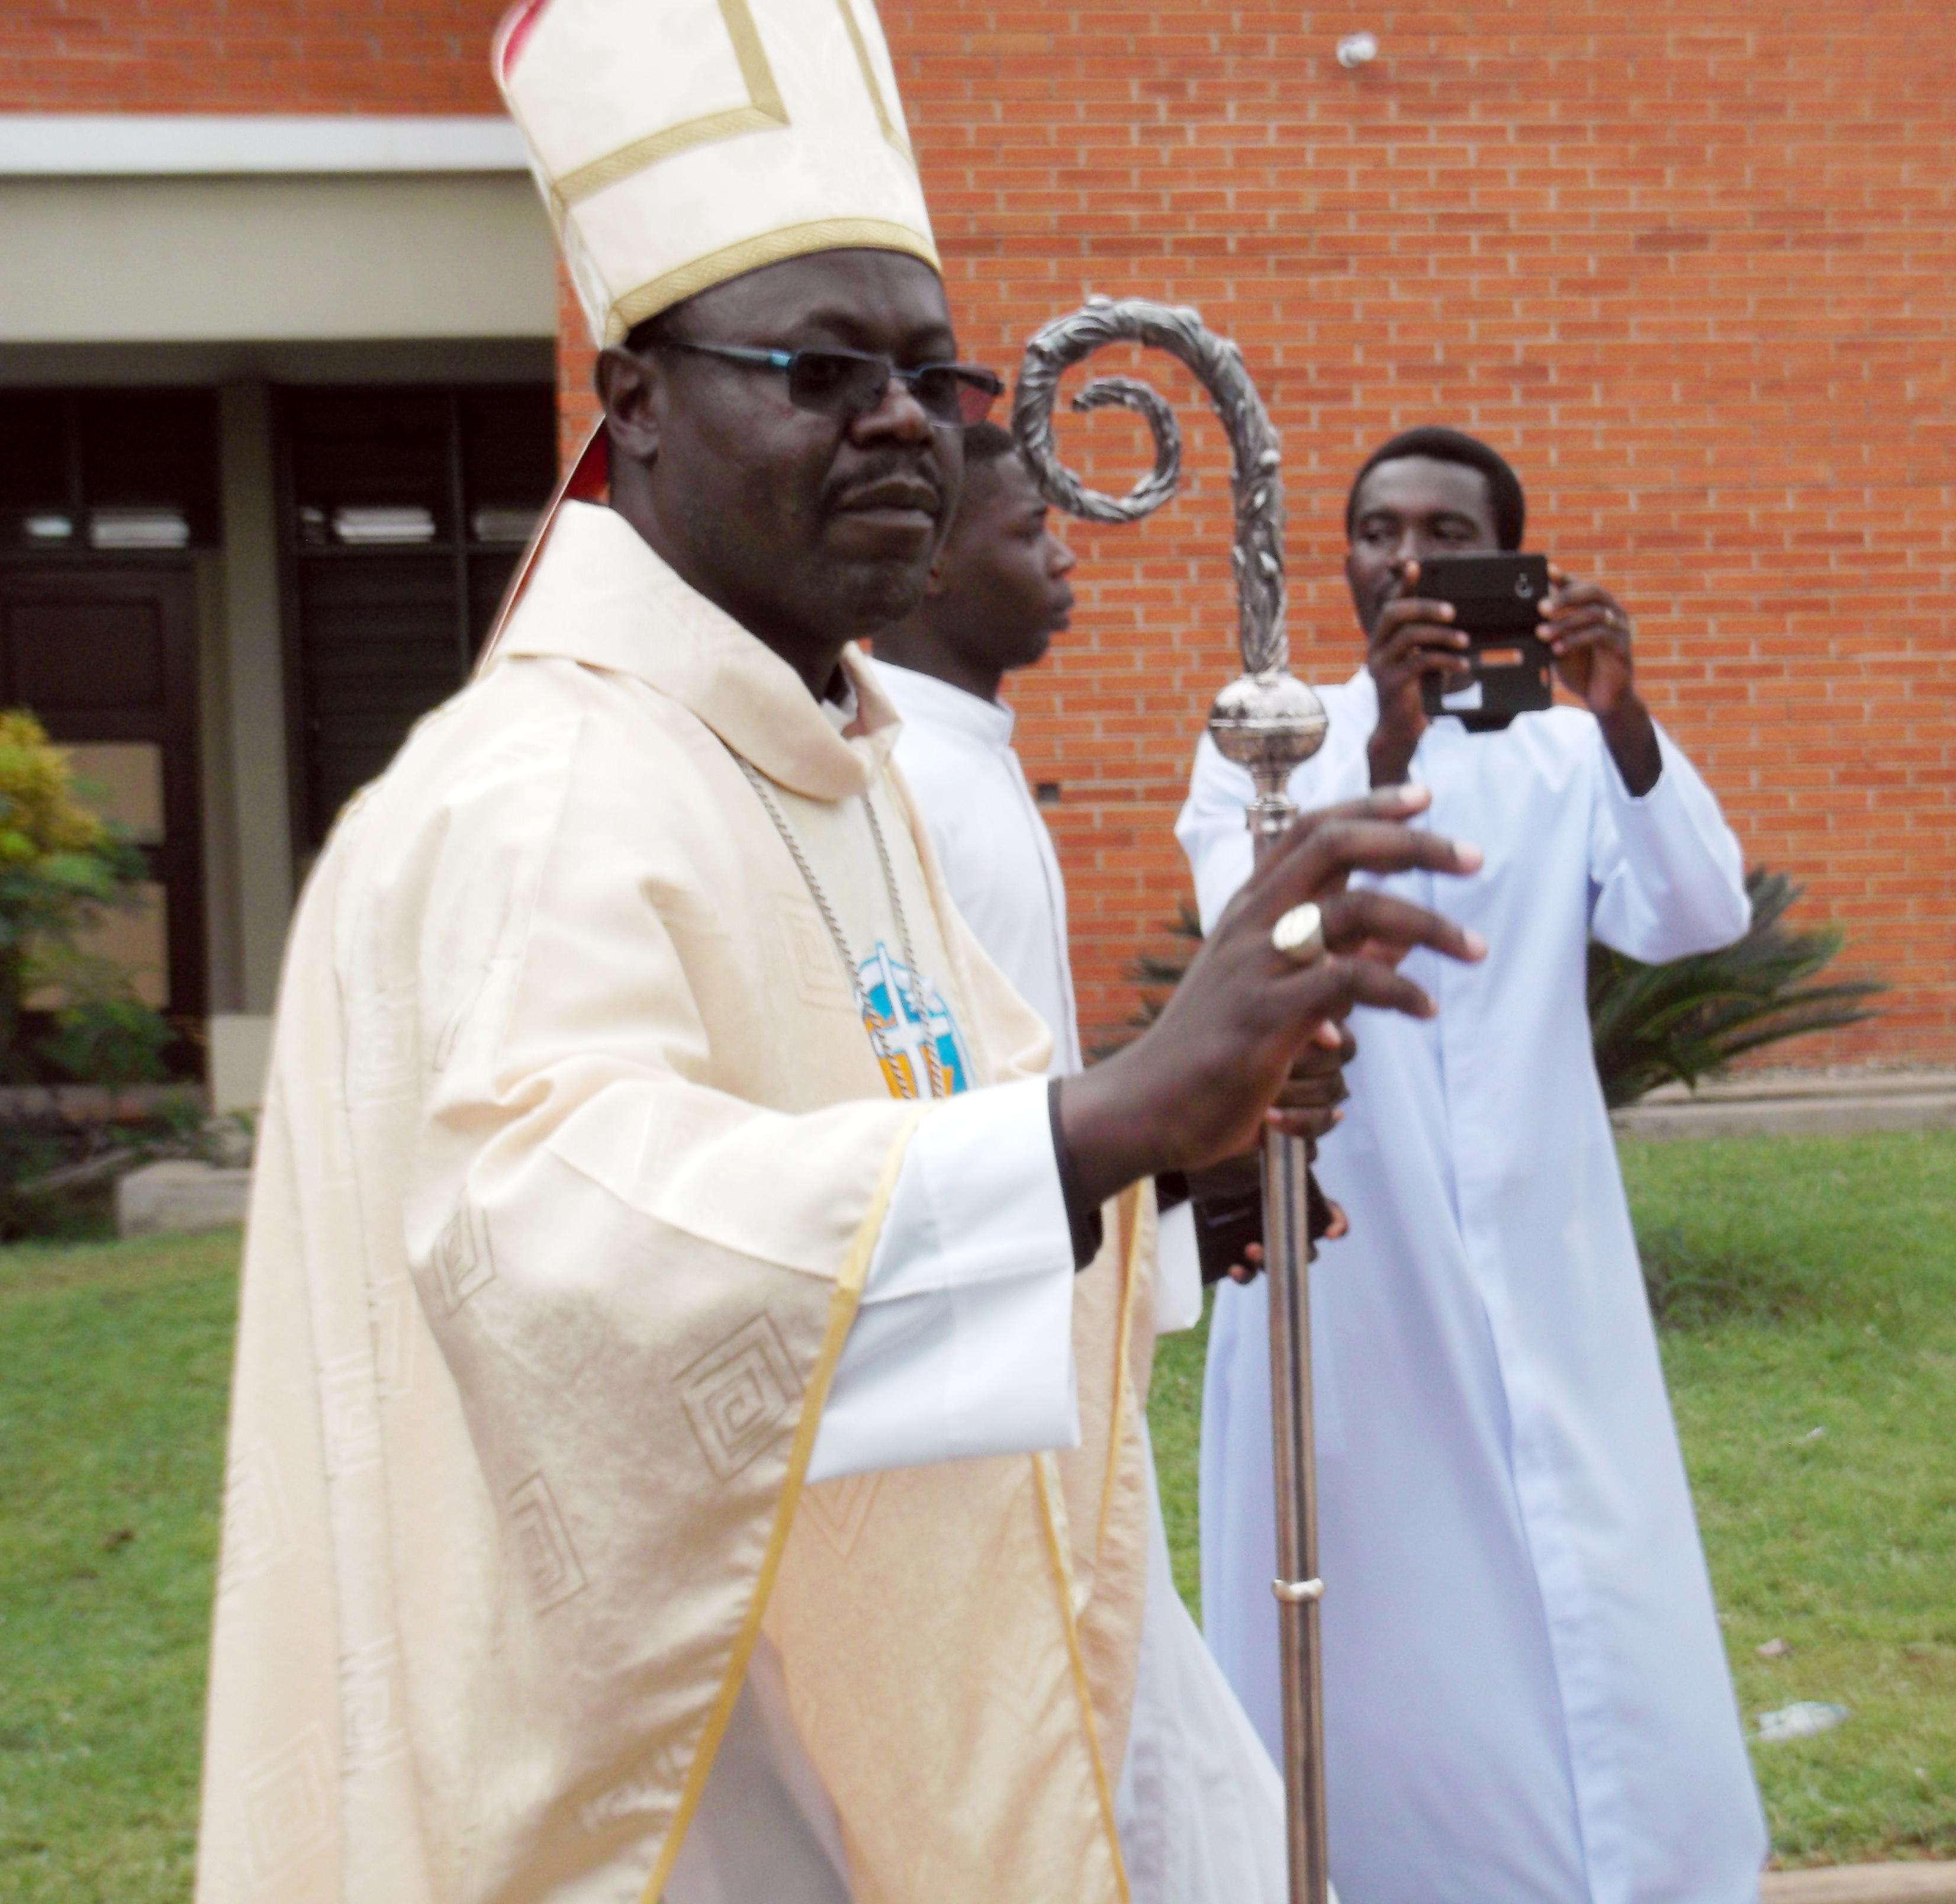 Obispo de República Centroafricana señala que la violencia en su país no tiene por origen un conflicto cristiano-musulmán